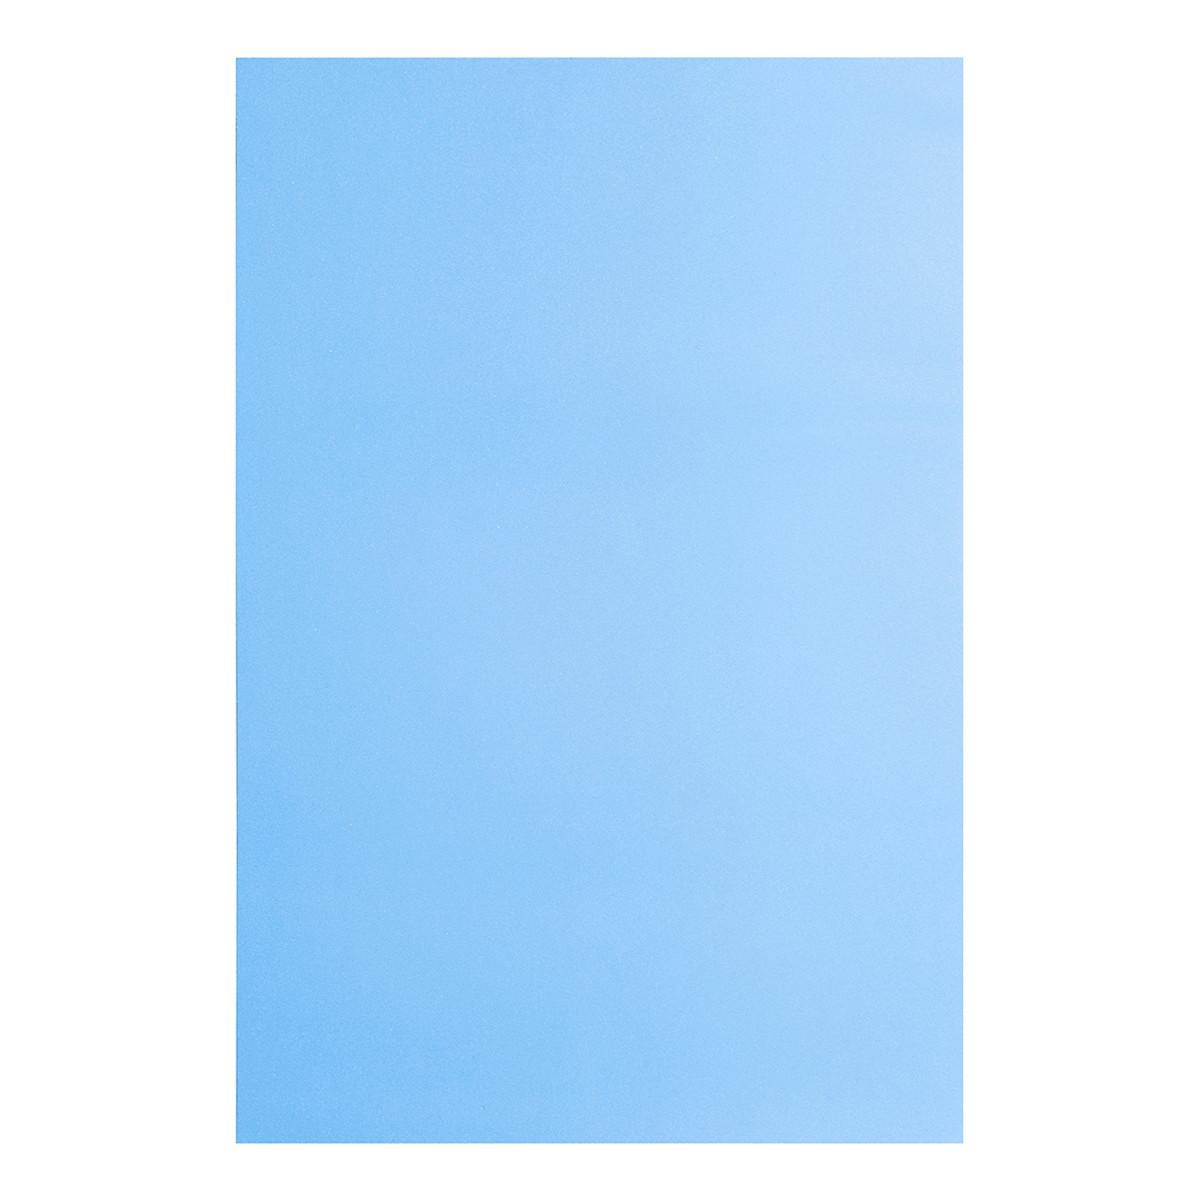 Фоаміран ЕВА блакитний, 200*300 мм, товщина 1,7 мм, 10 листів